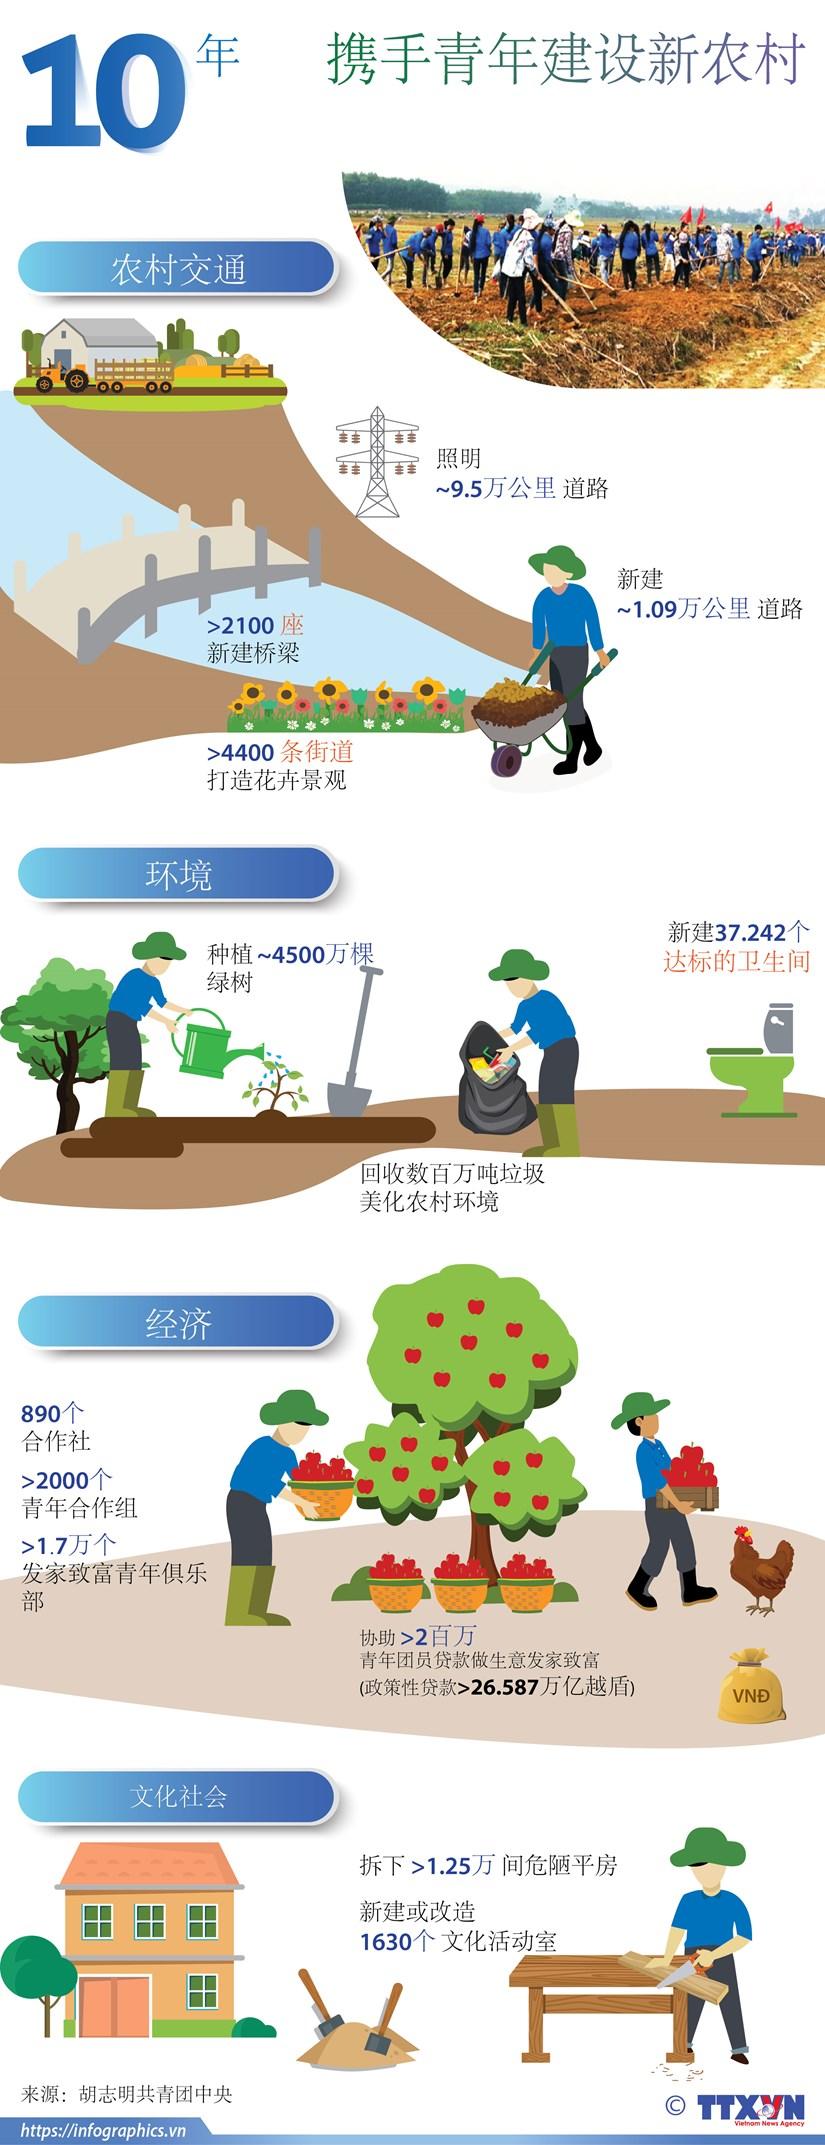 图表新闻:携手青年建设新农村 hinh anh 1